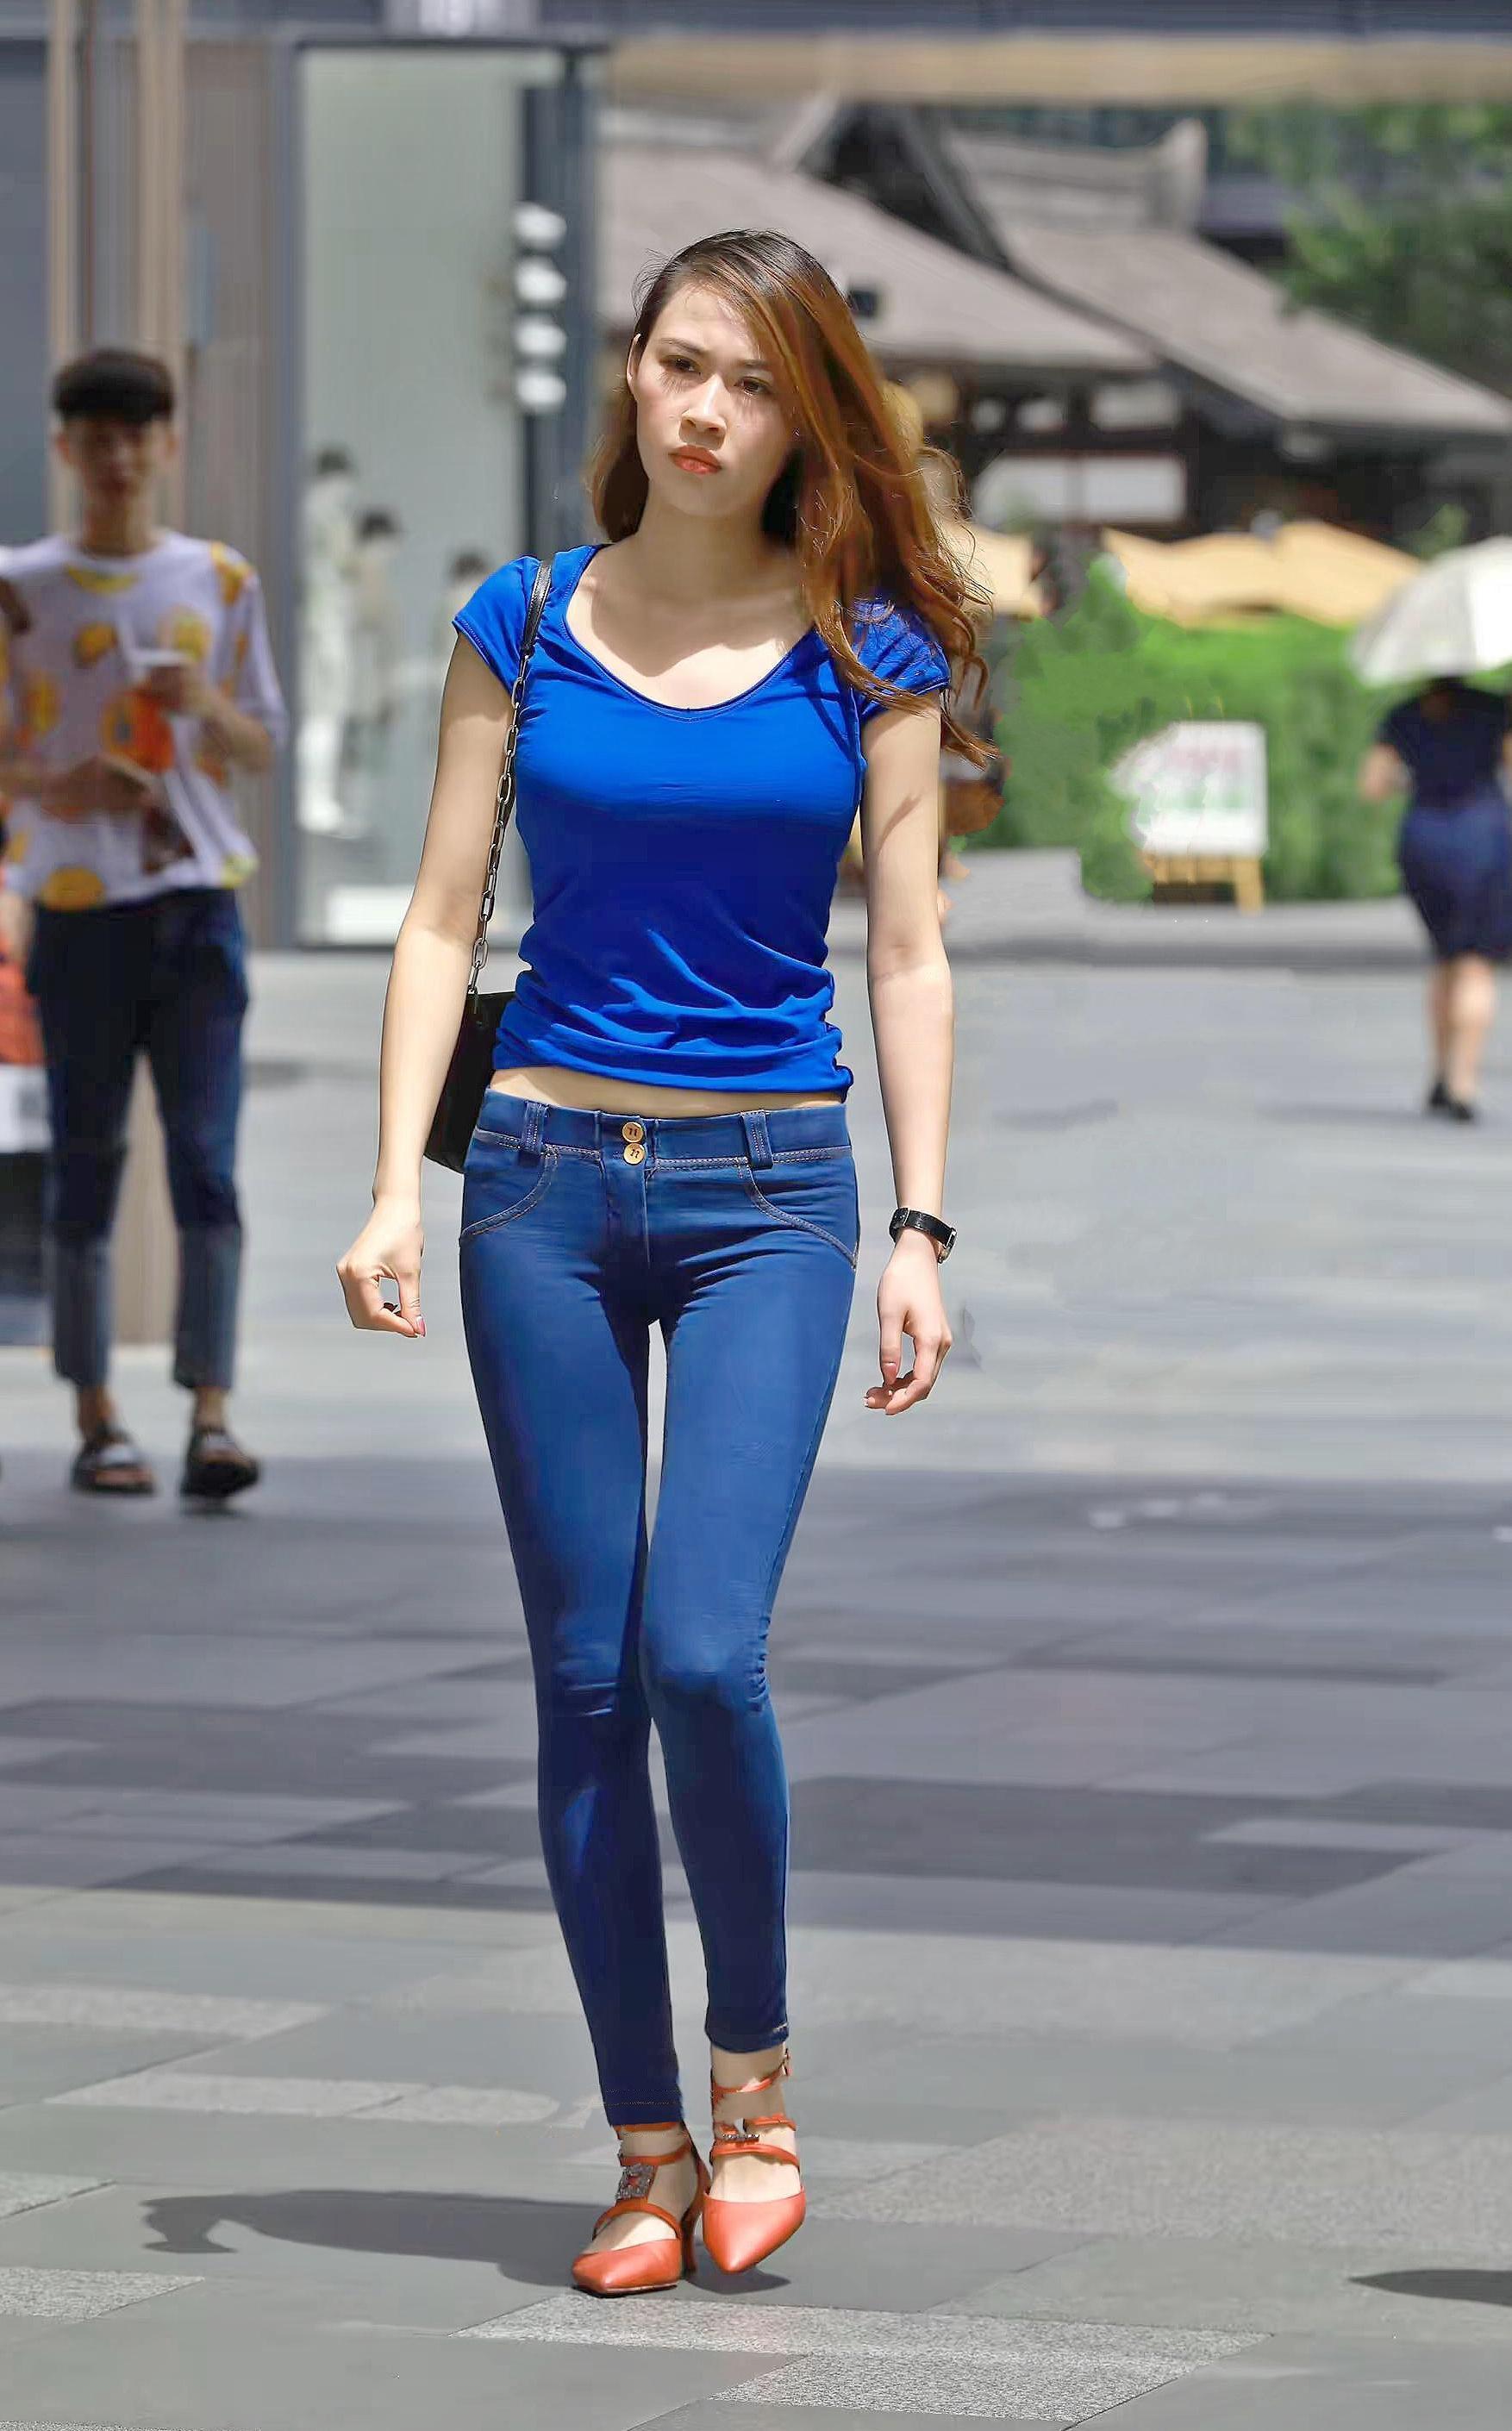 街拍紧身t恤美女_街拍美女:紧身牛仔裤搭配蓝色圆领T恤,小姐姐上下颜色搭配一致